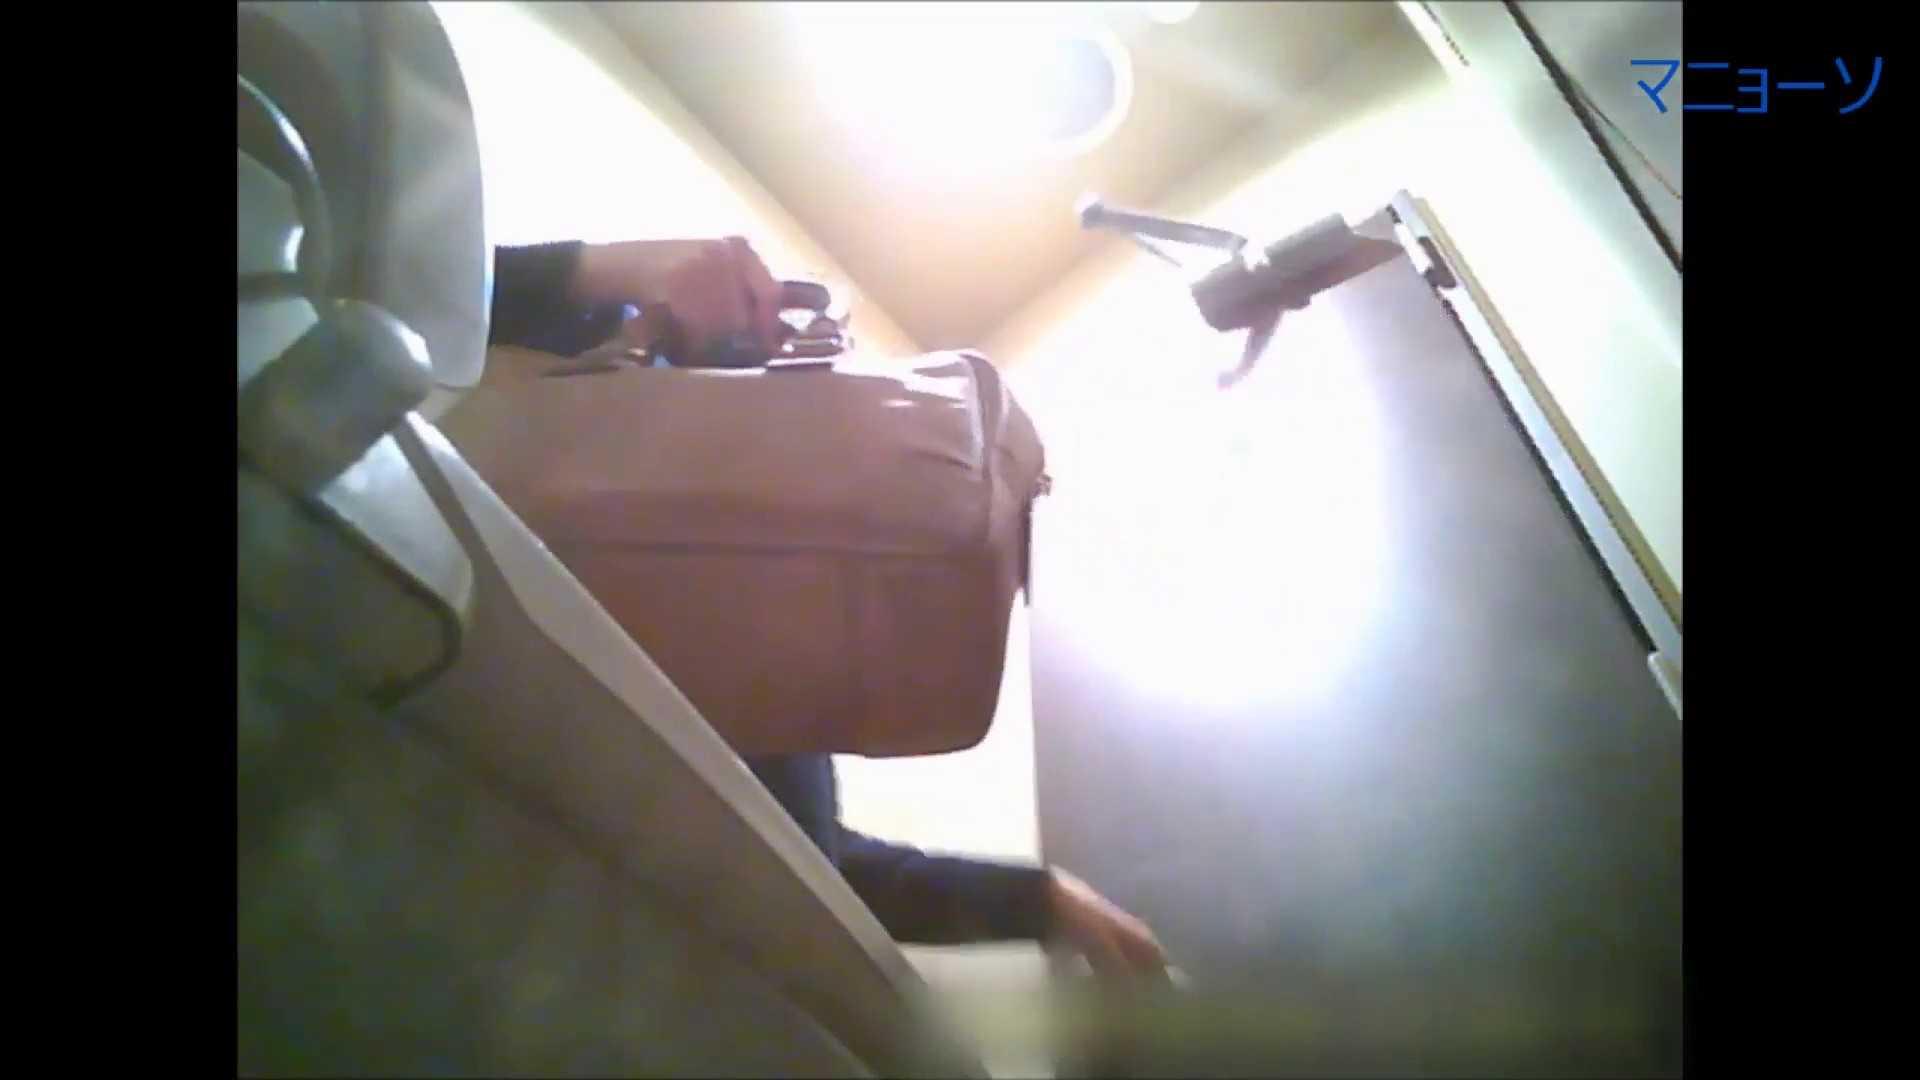 Vol.01 セレブ風なOLさん、さて下半身はどうでしょう。 トイレ盗撮 AV無料動画キャプチャ 111枚 69